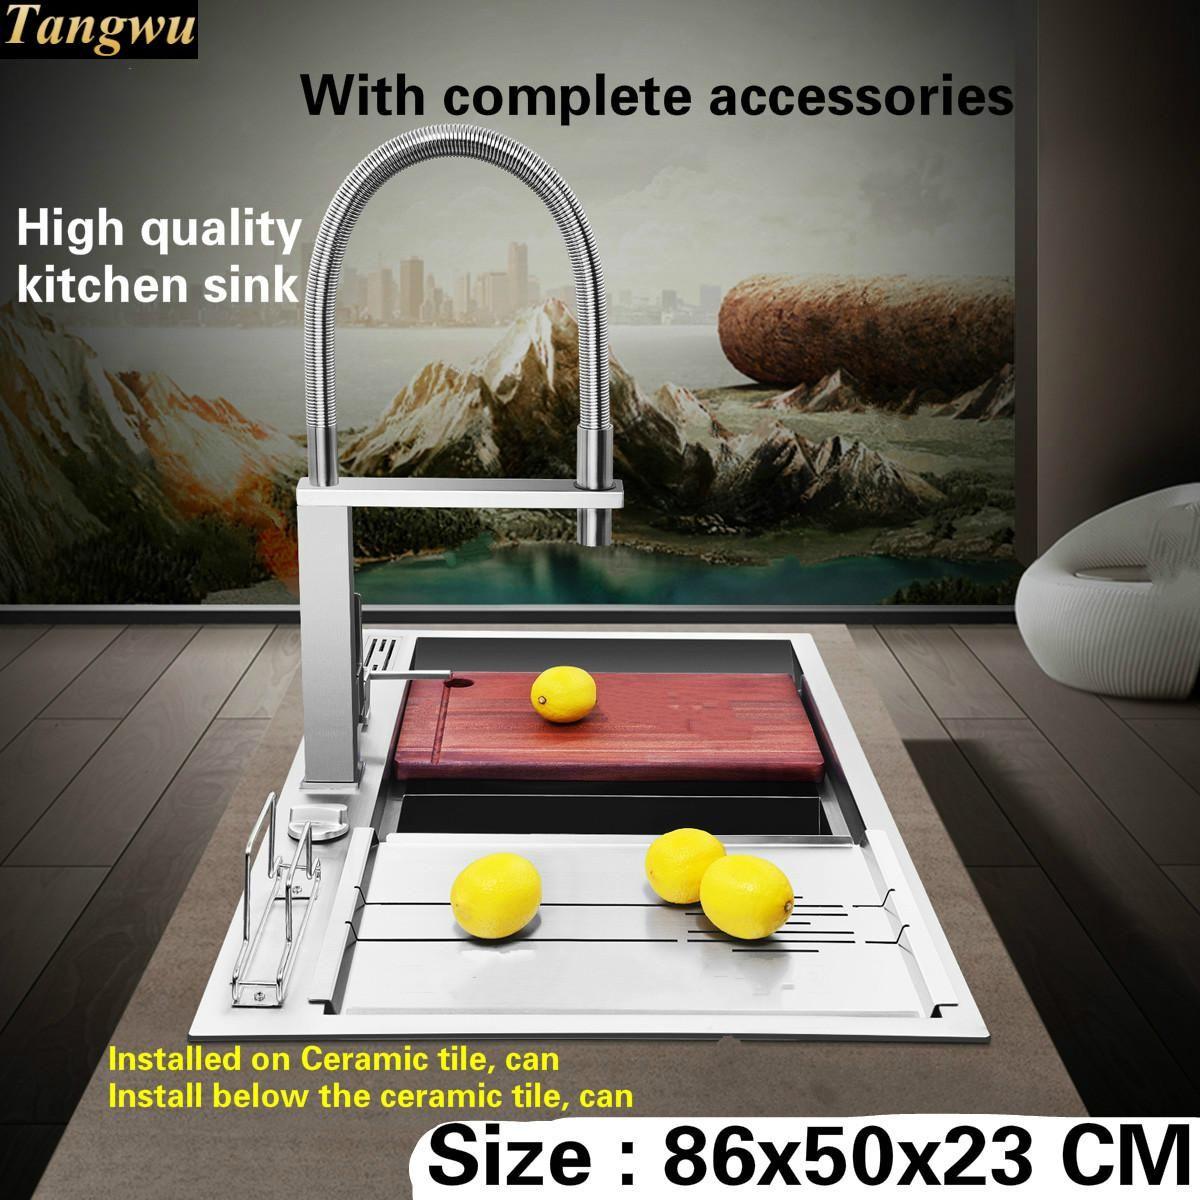 Tangwu Luxuriöse und hochwertige küche waschbecken taste drainage 4mm dicke lebensmittelqualität edelstahl double groove große 86x50x23 CM